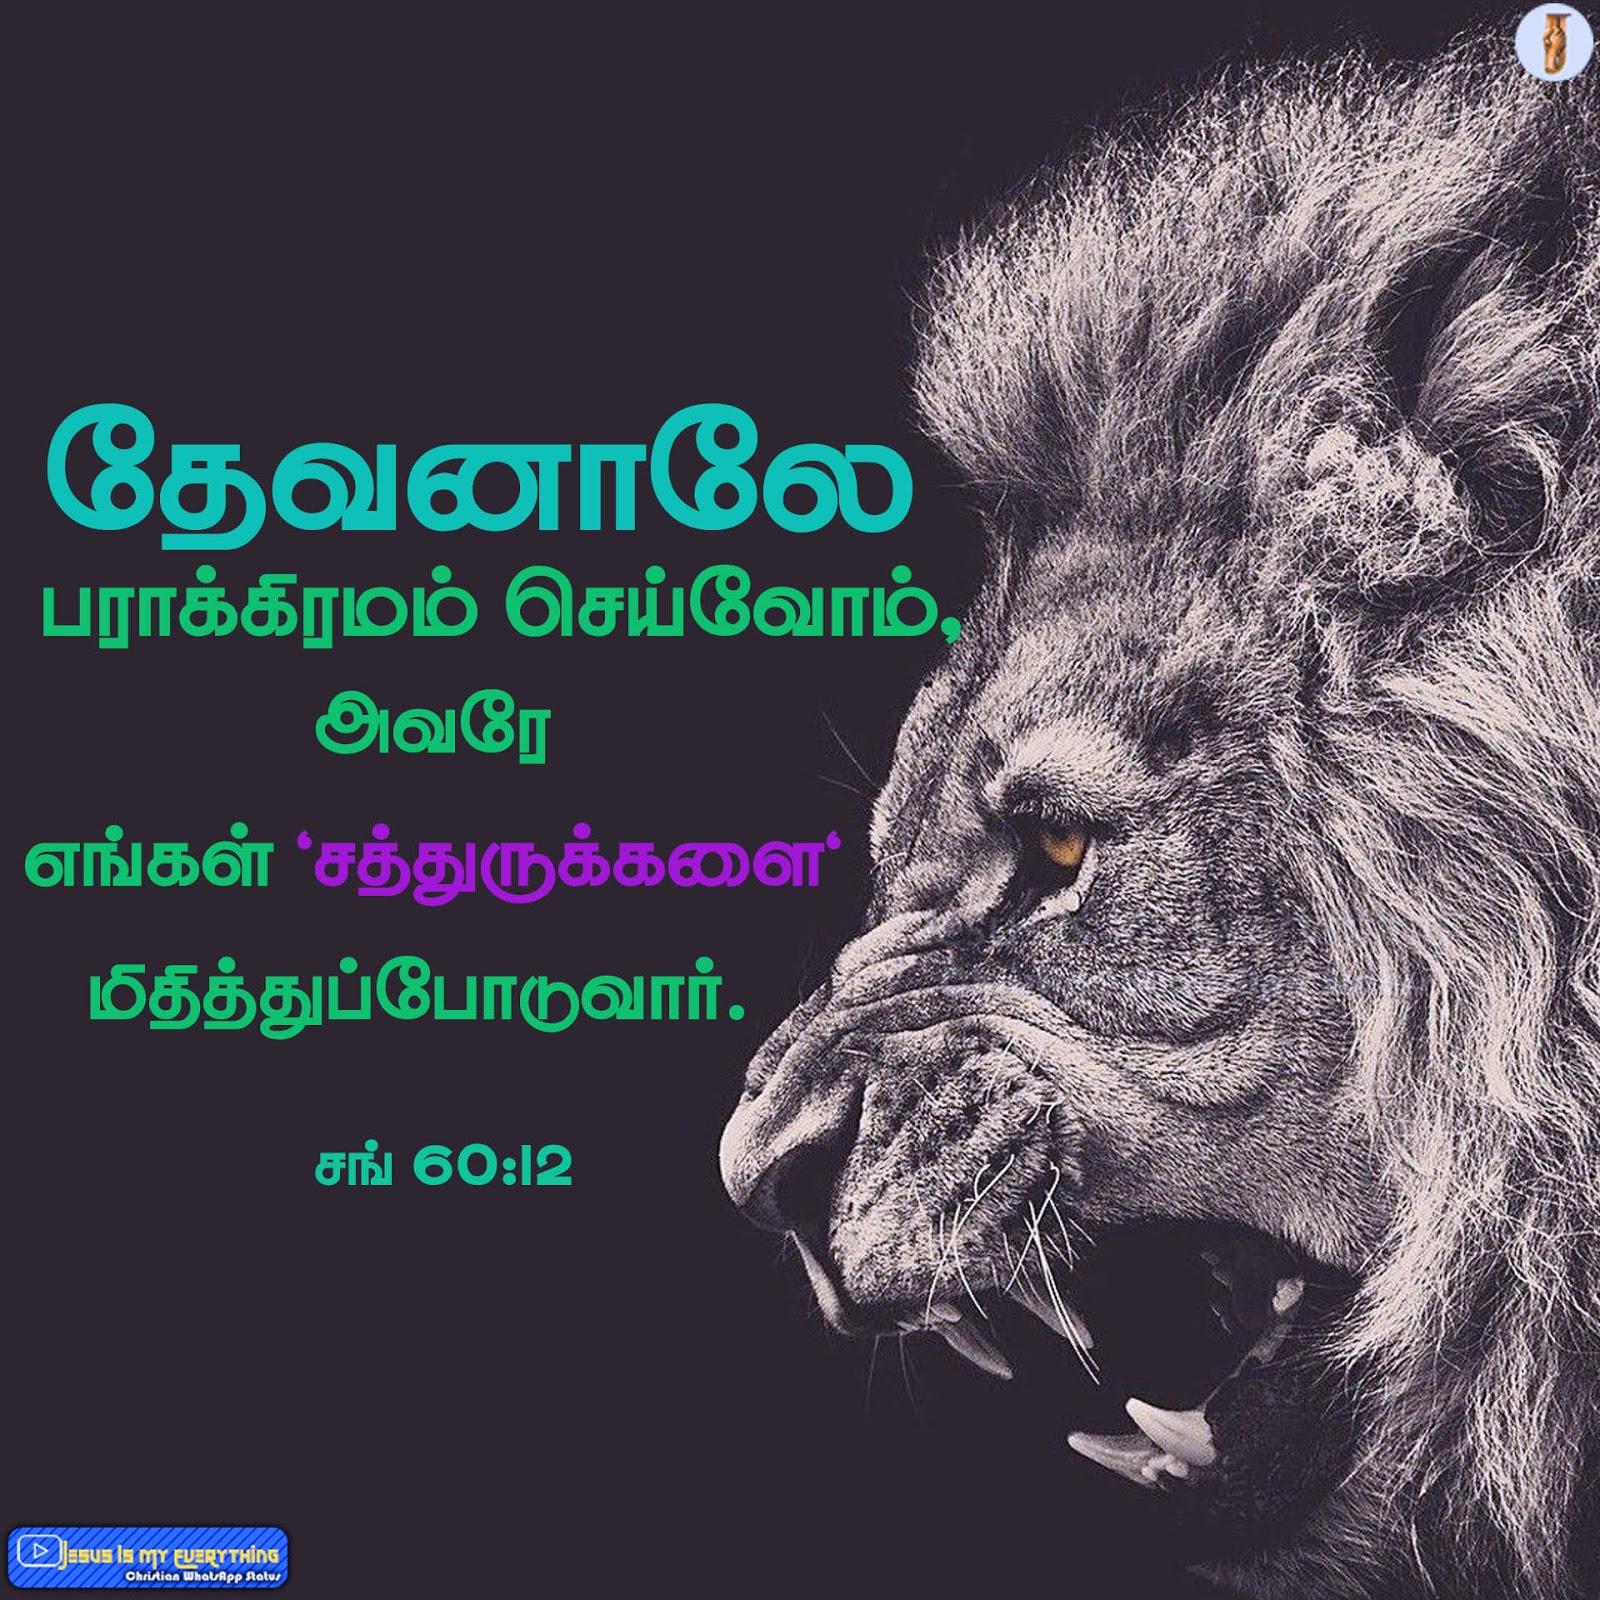 த வன ல பர க க ரமம ச ய வ ம Through God We Shall Do Valiantly Tamil Bible Words Tamil Bible Wallpapers